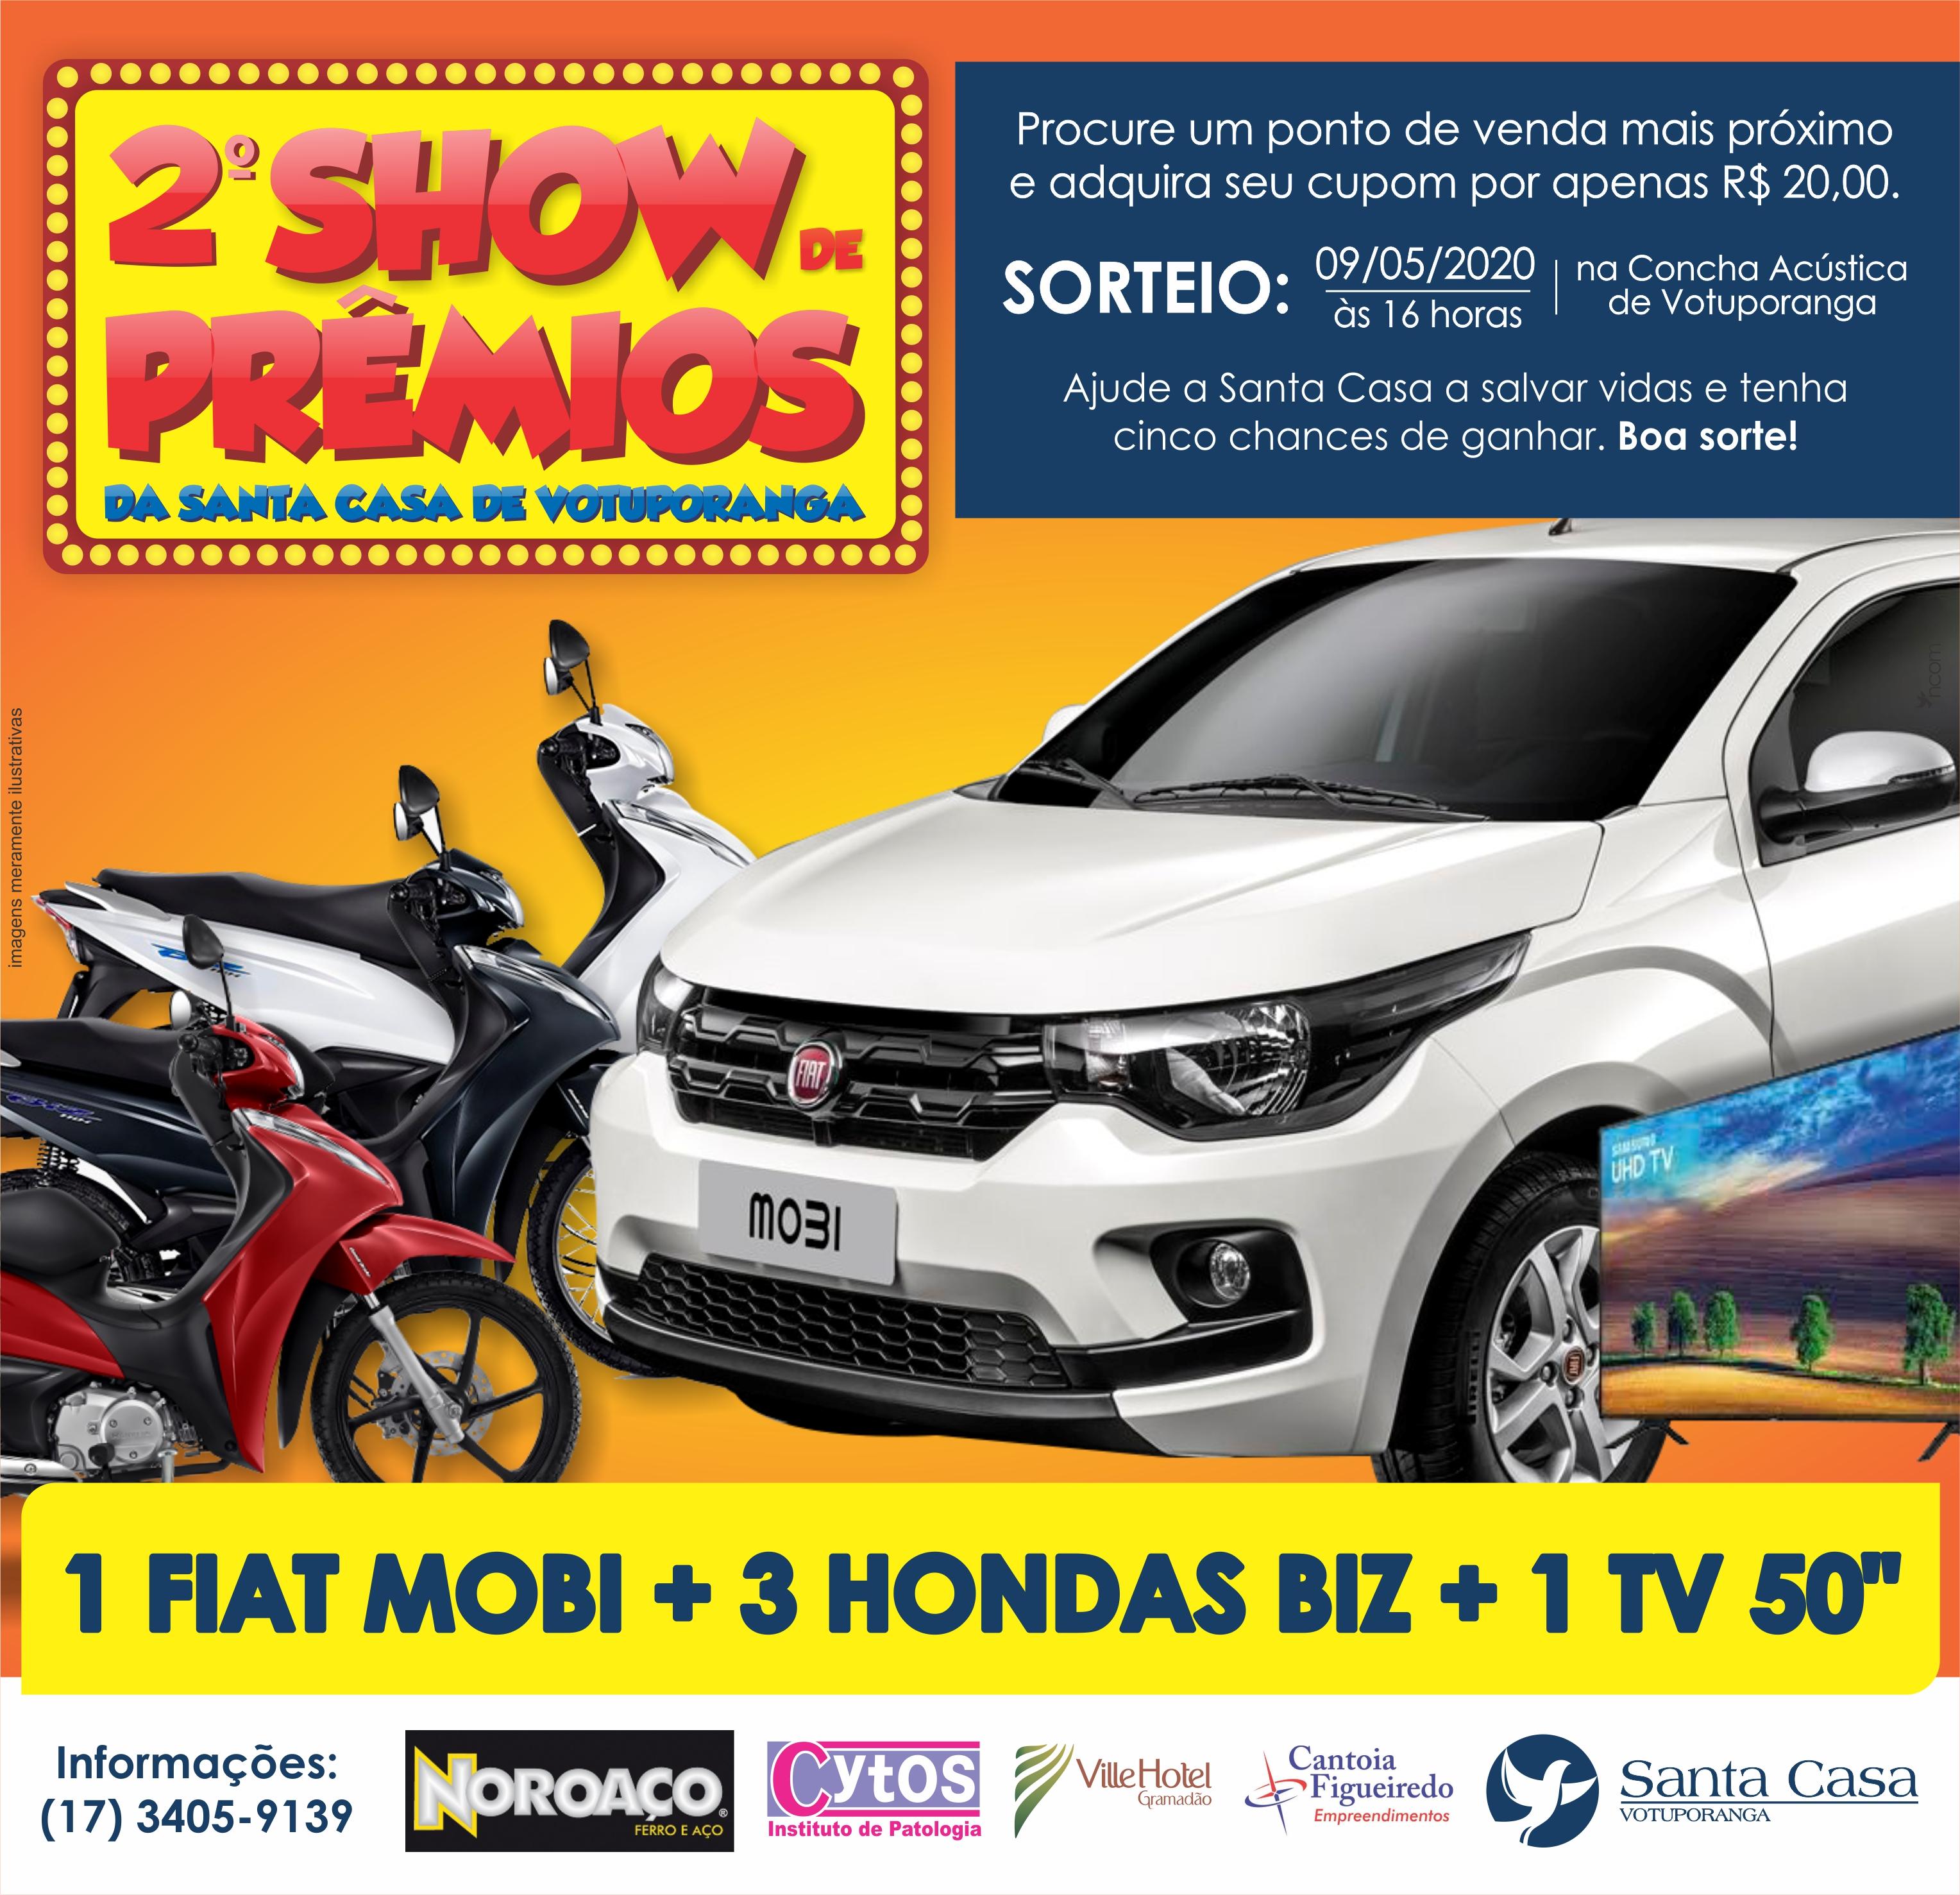 Santa Casa lança Show de Prêmios com carro, três Hondas Biz e TV